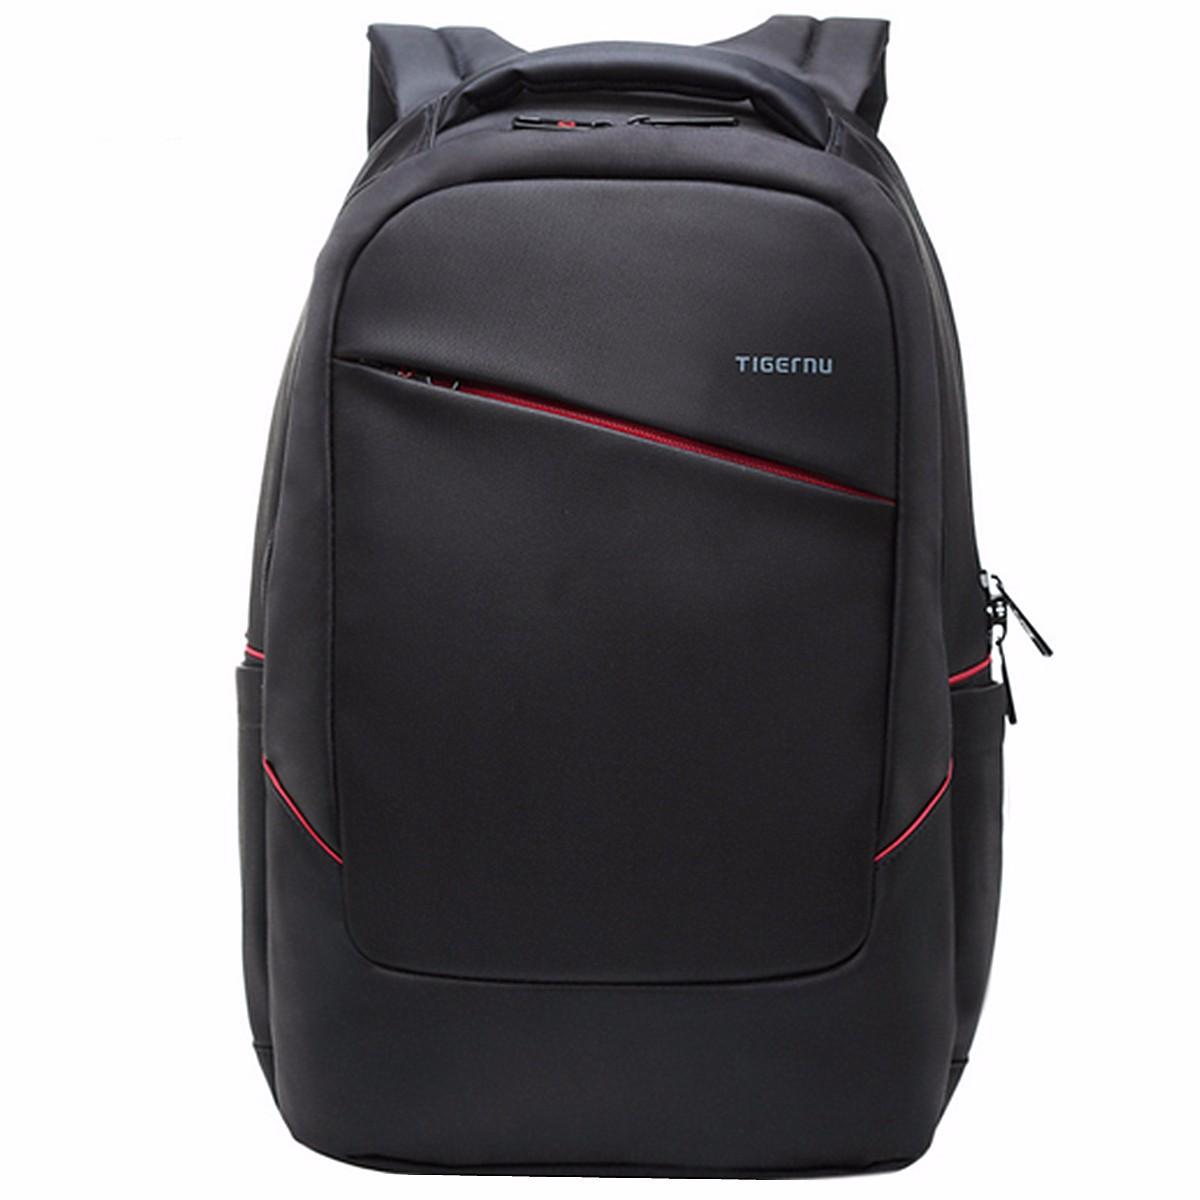 Buy Tigernu Waterproof Backpack Travel Bag 15.6 inch Laptop Men Women School Bags